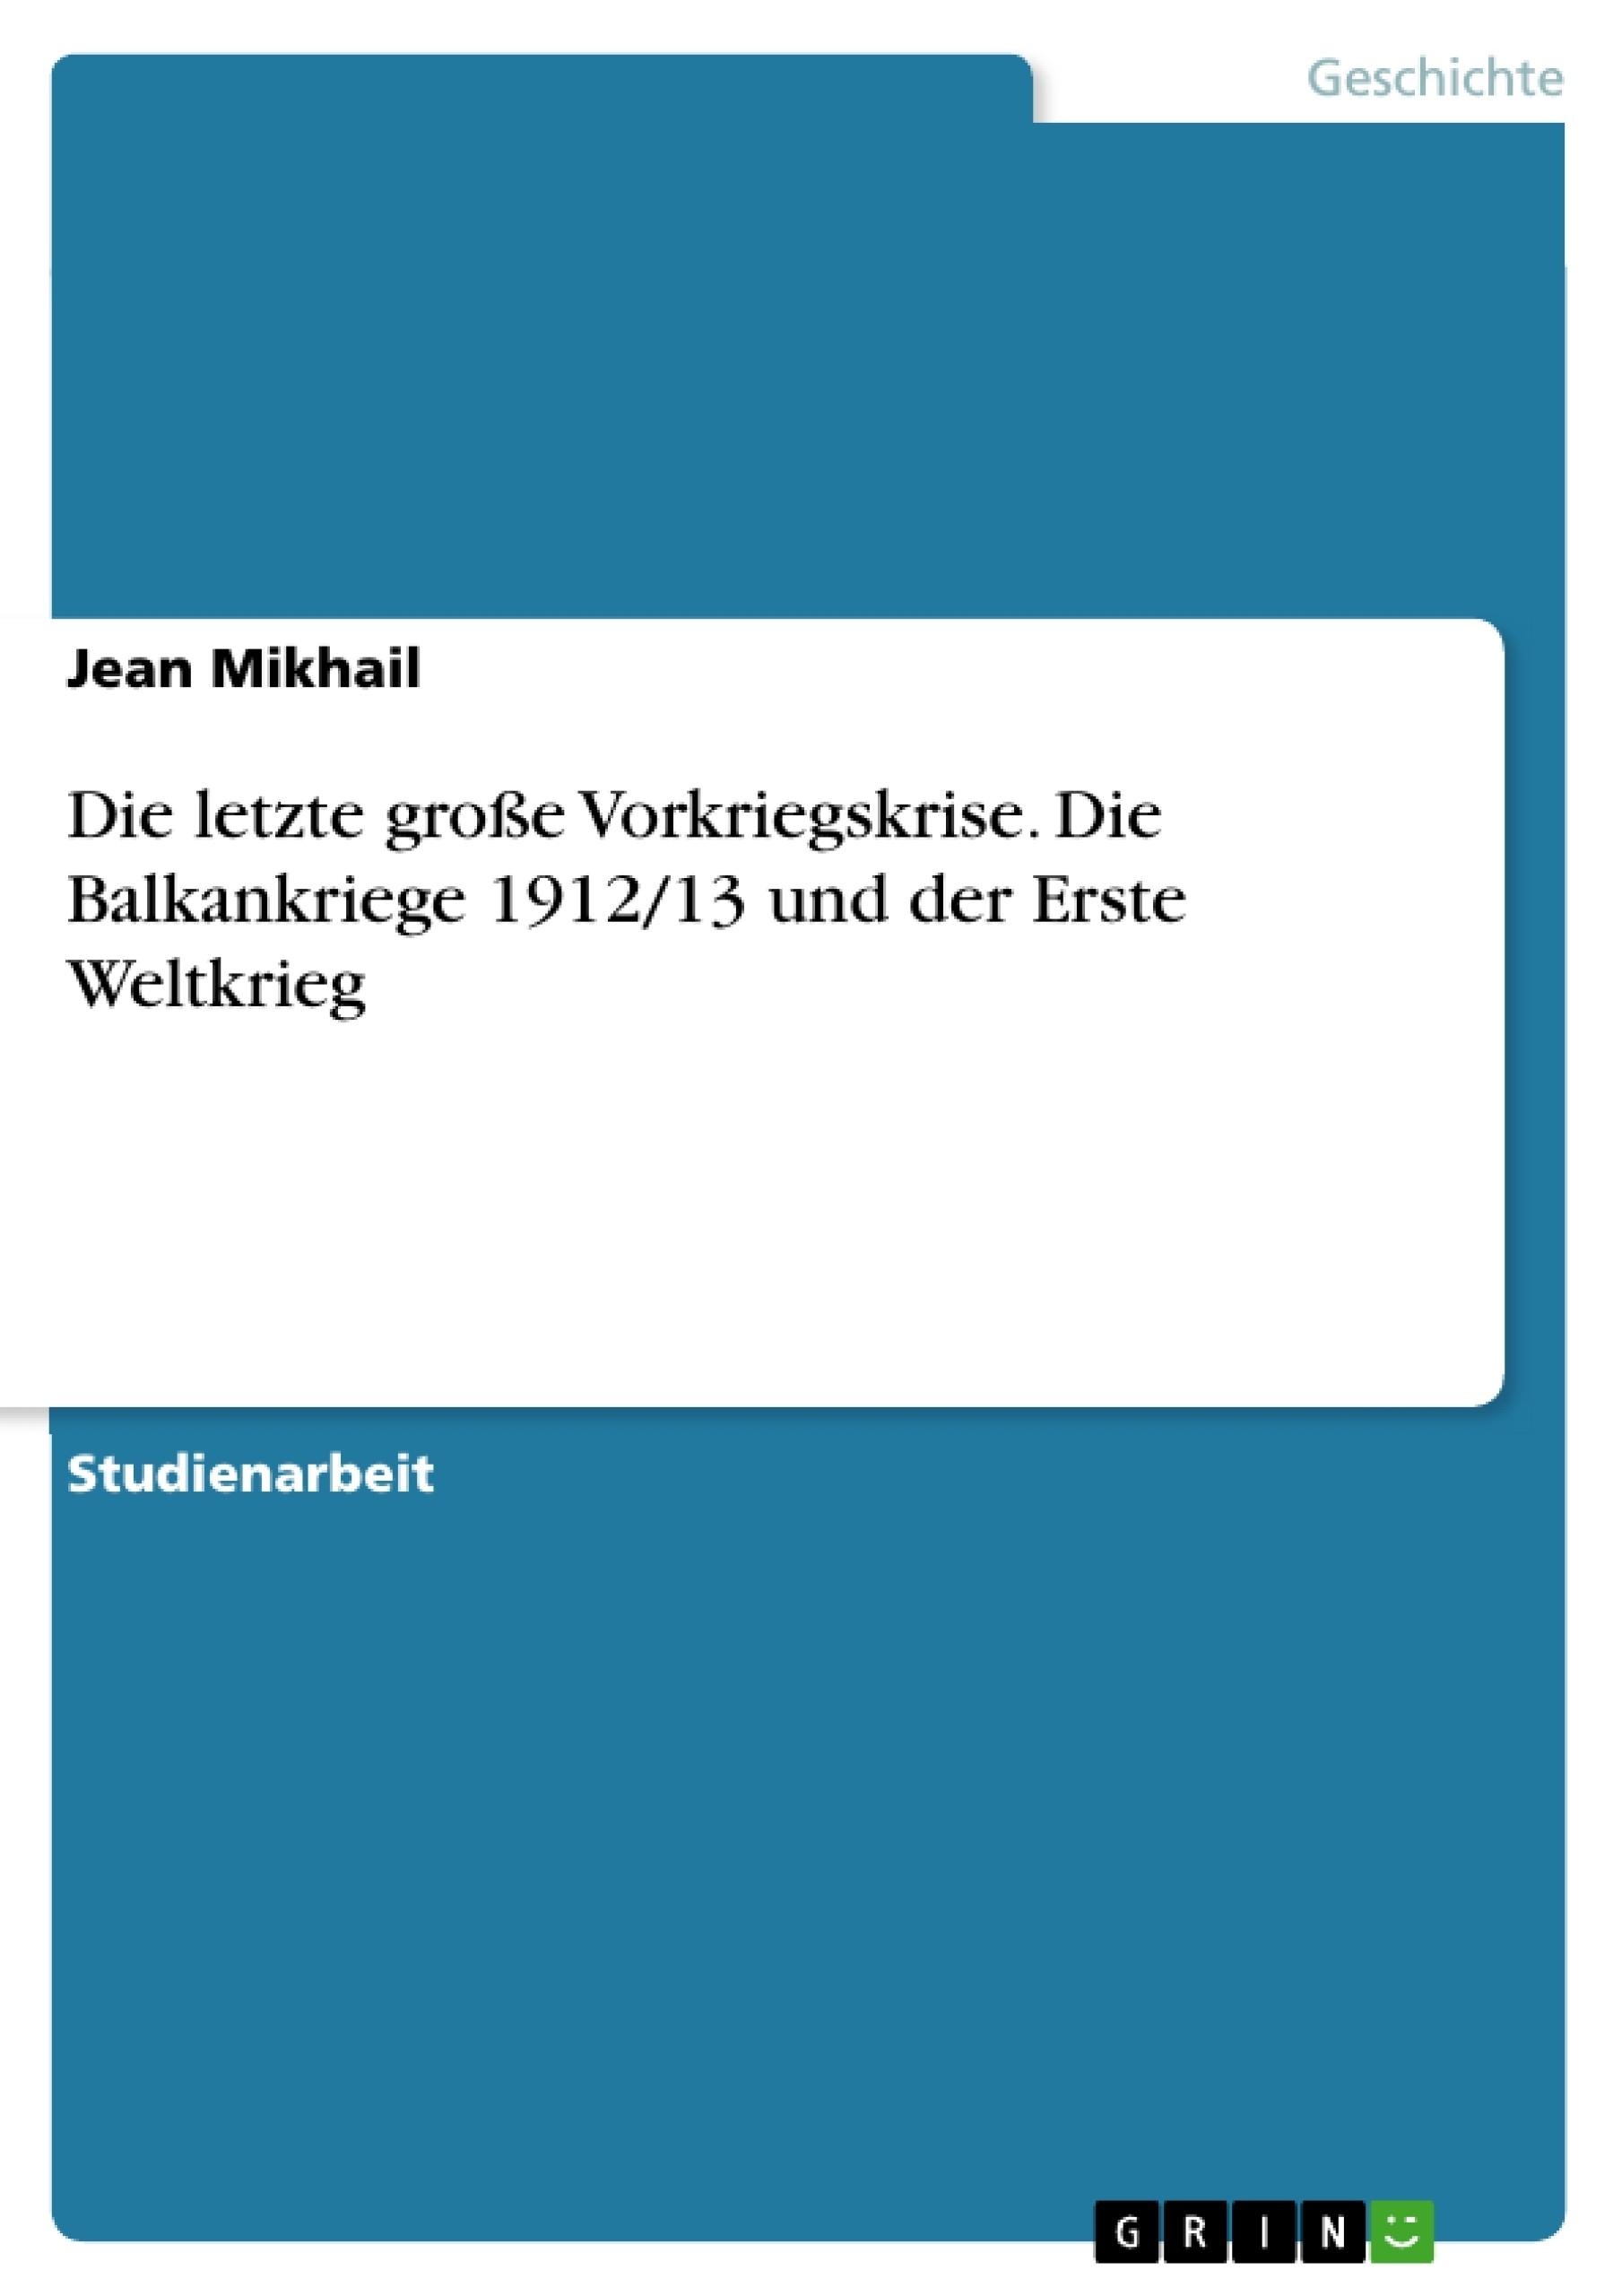 Titel: Die letzte große Vorkriegskrise. Die Balkankriege 1912/13 und der Erste Weltkrieg